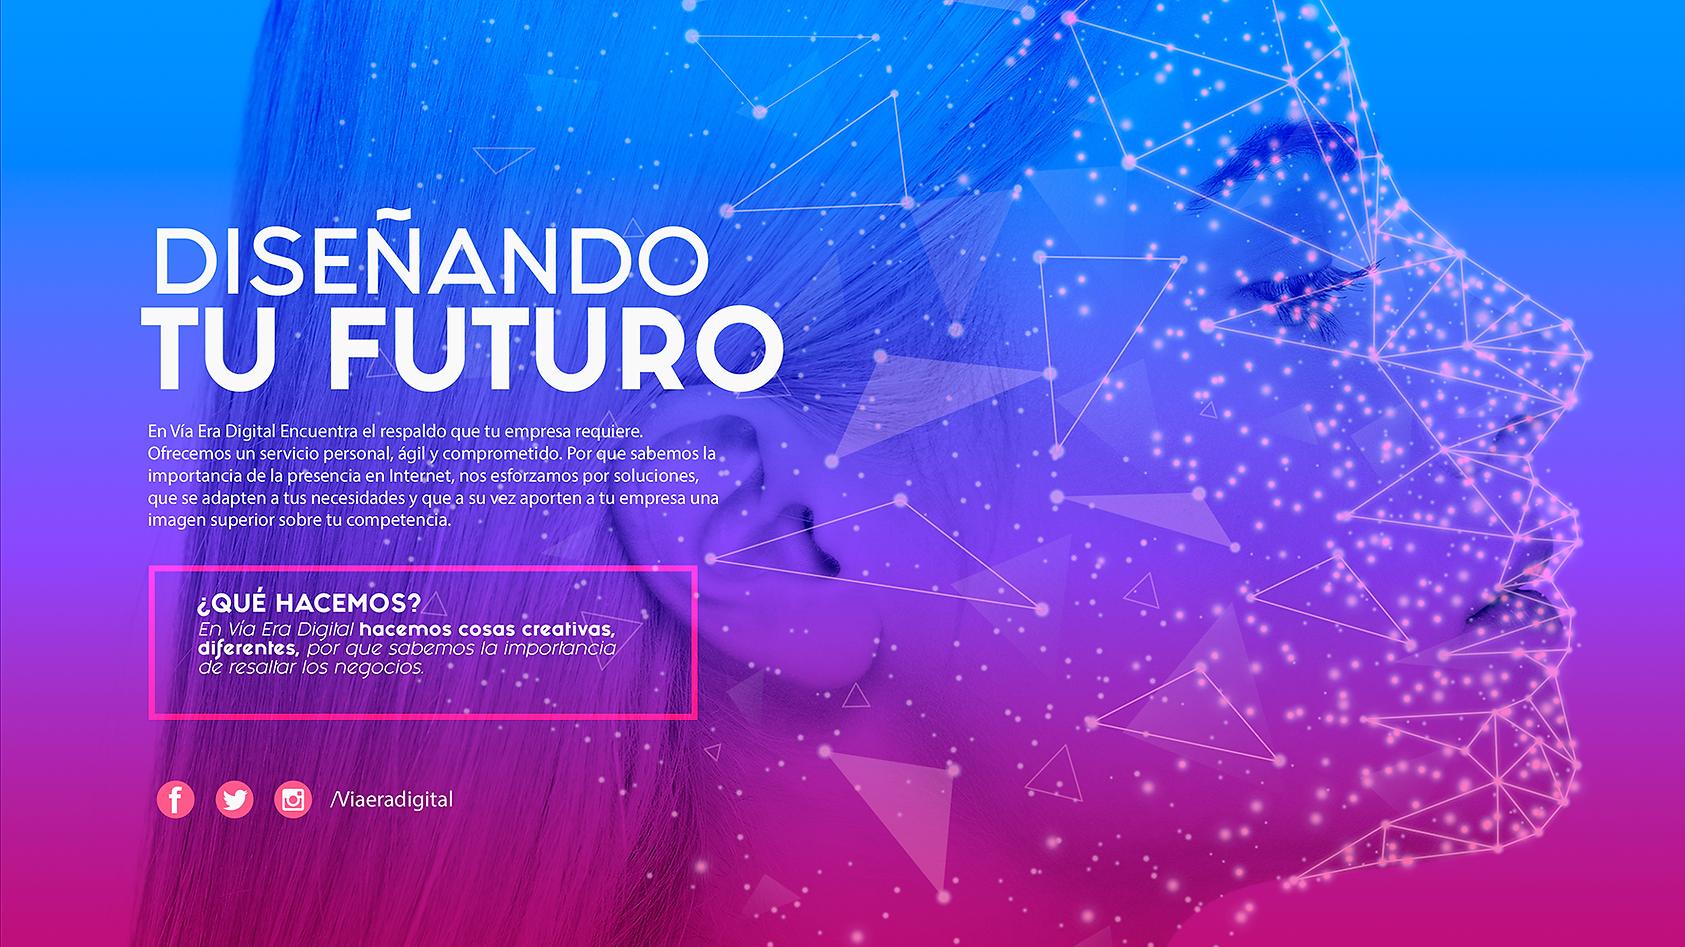 diseñando_tu_futuro.png